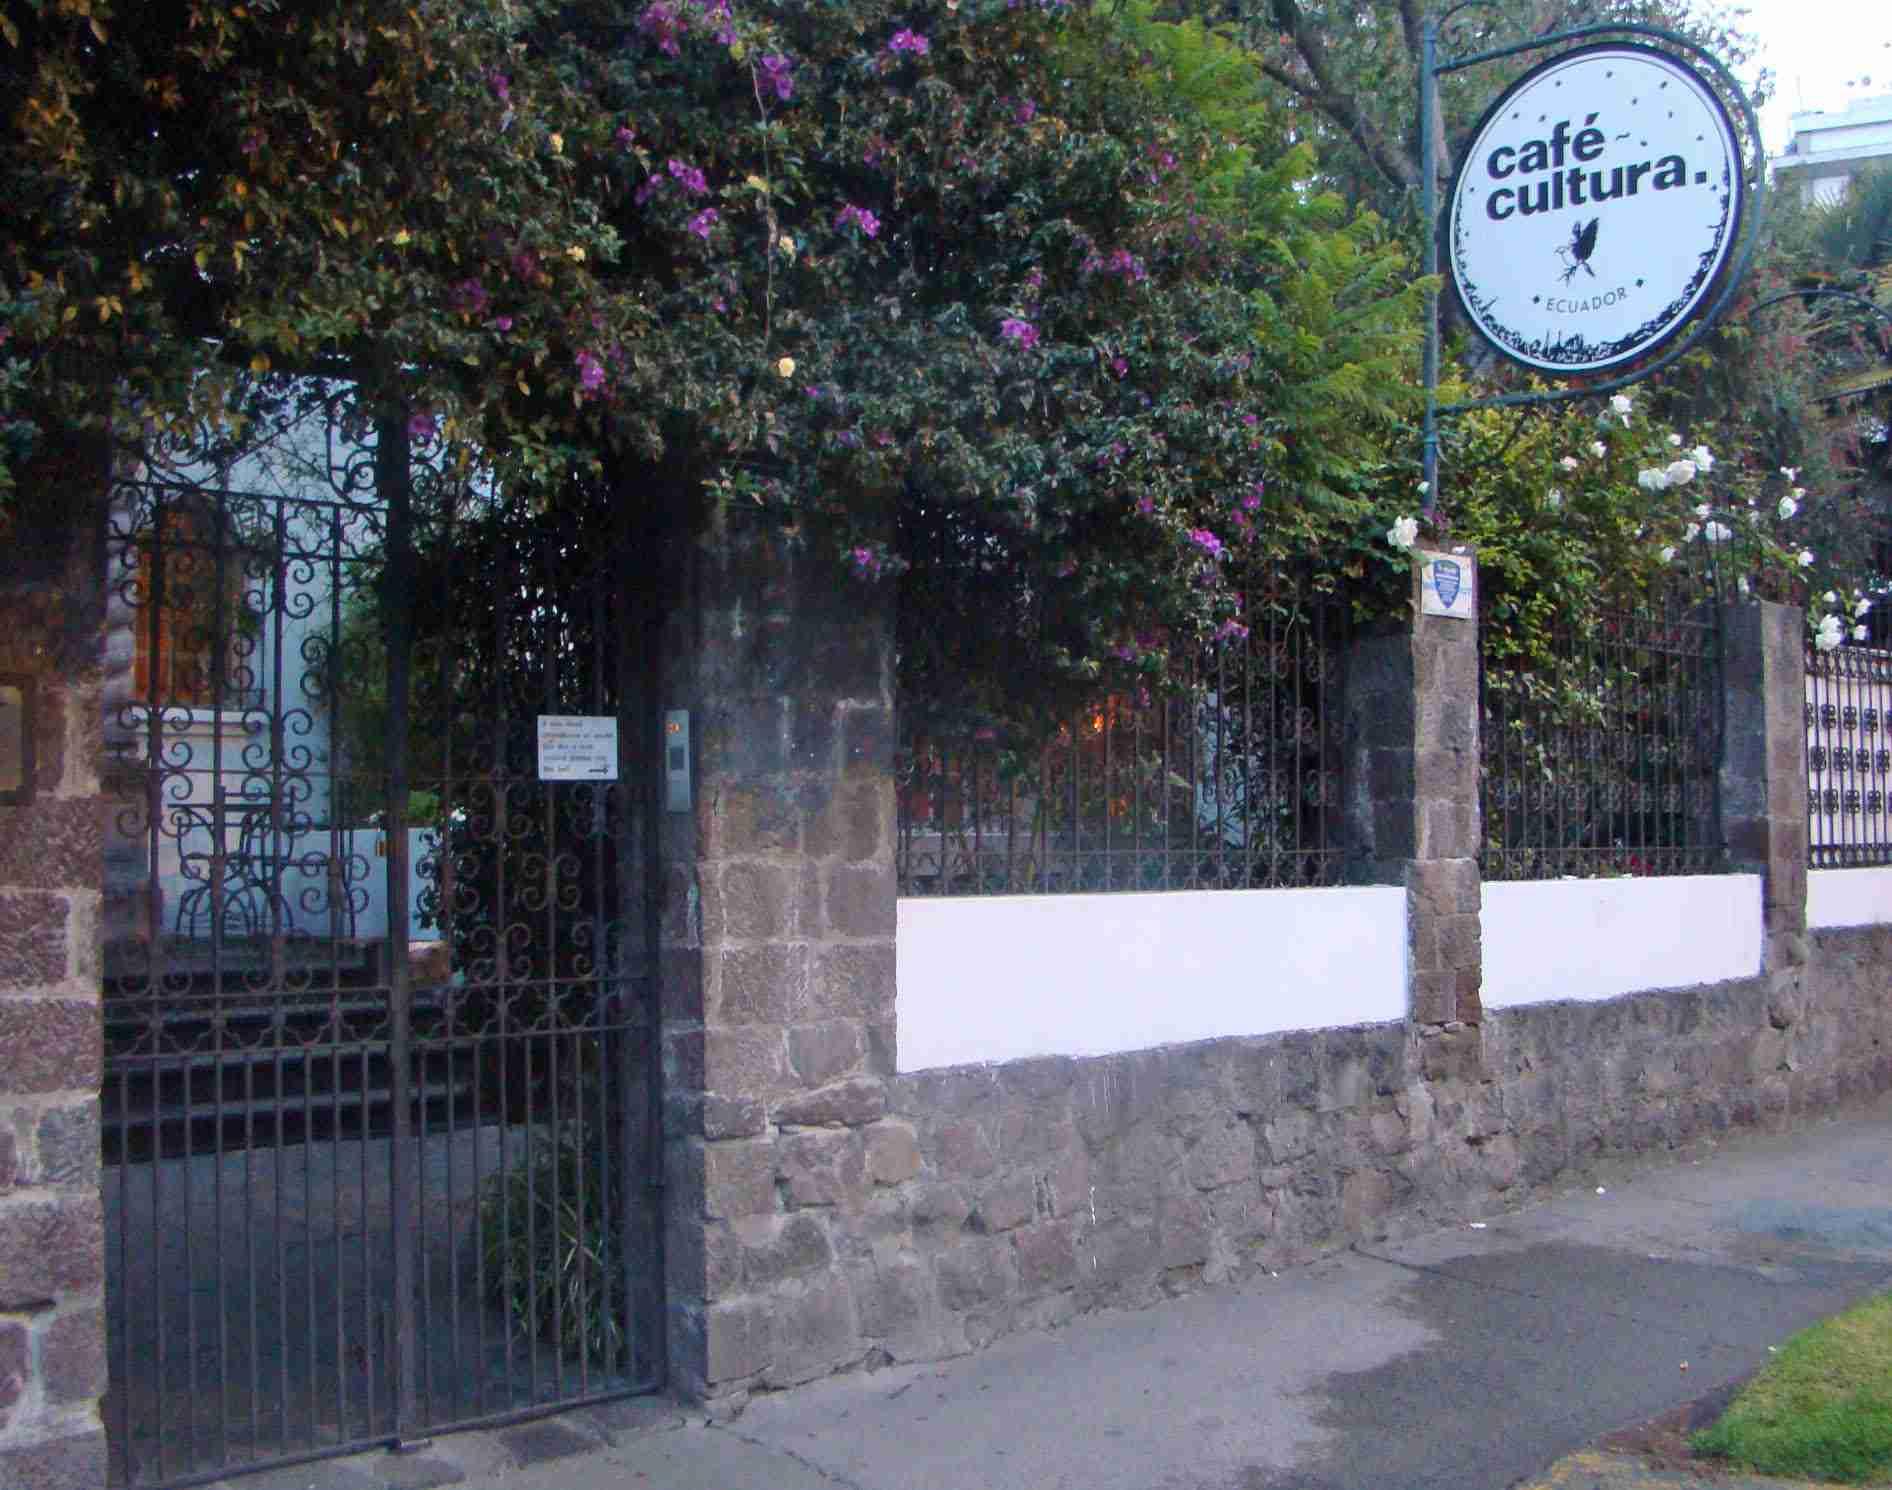 Cafe Cultura, Quito, Ecuador